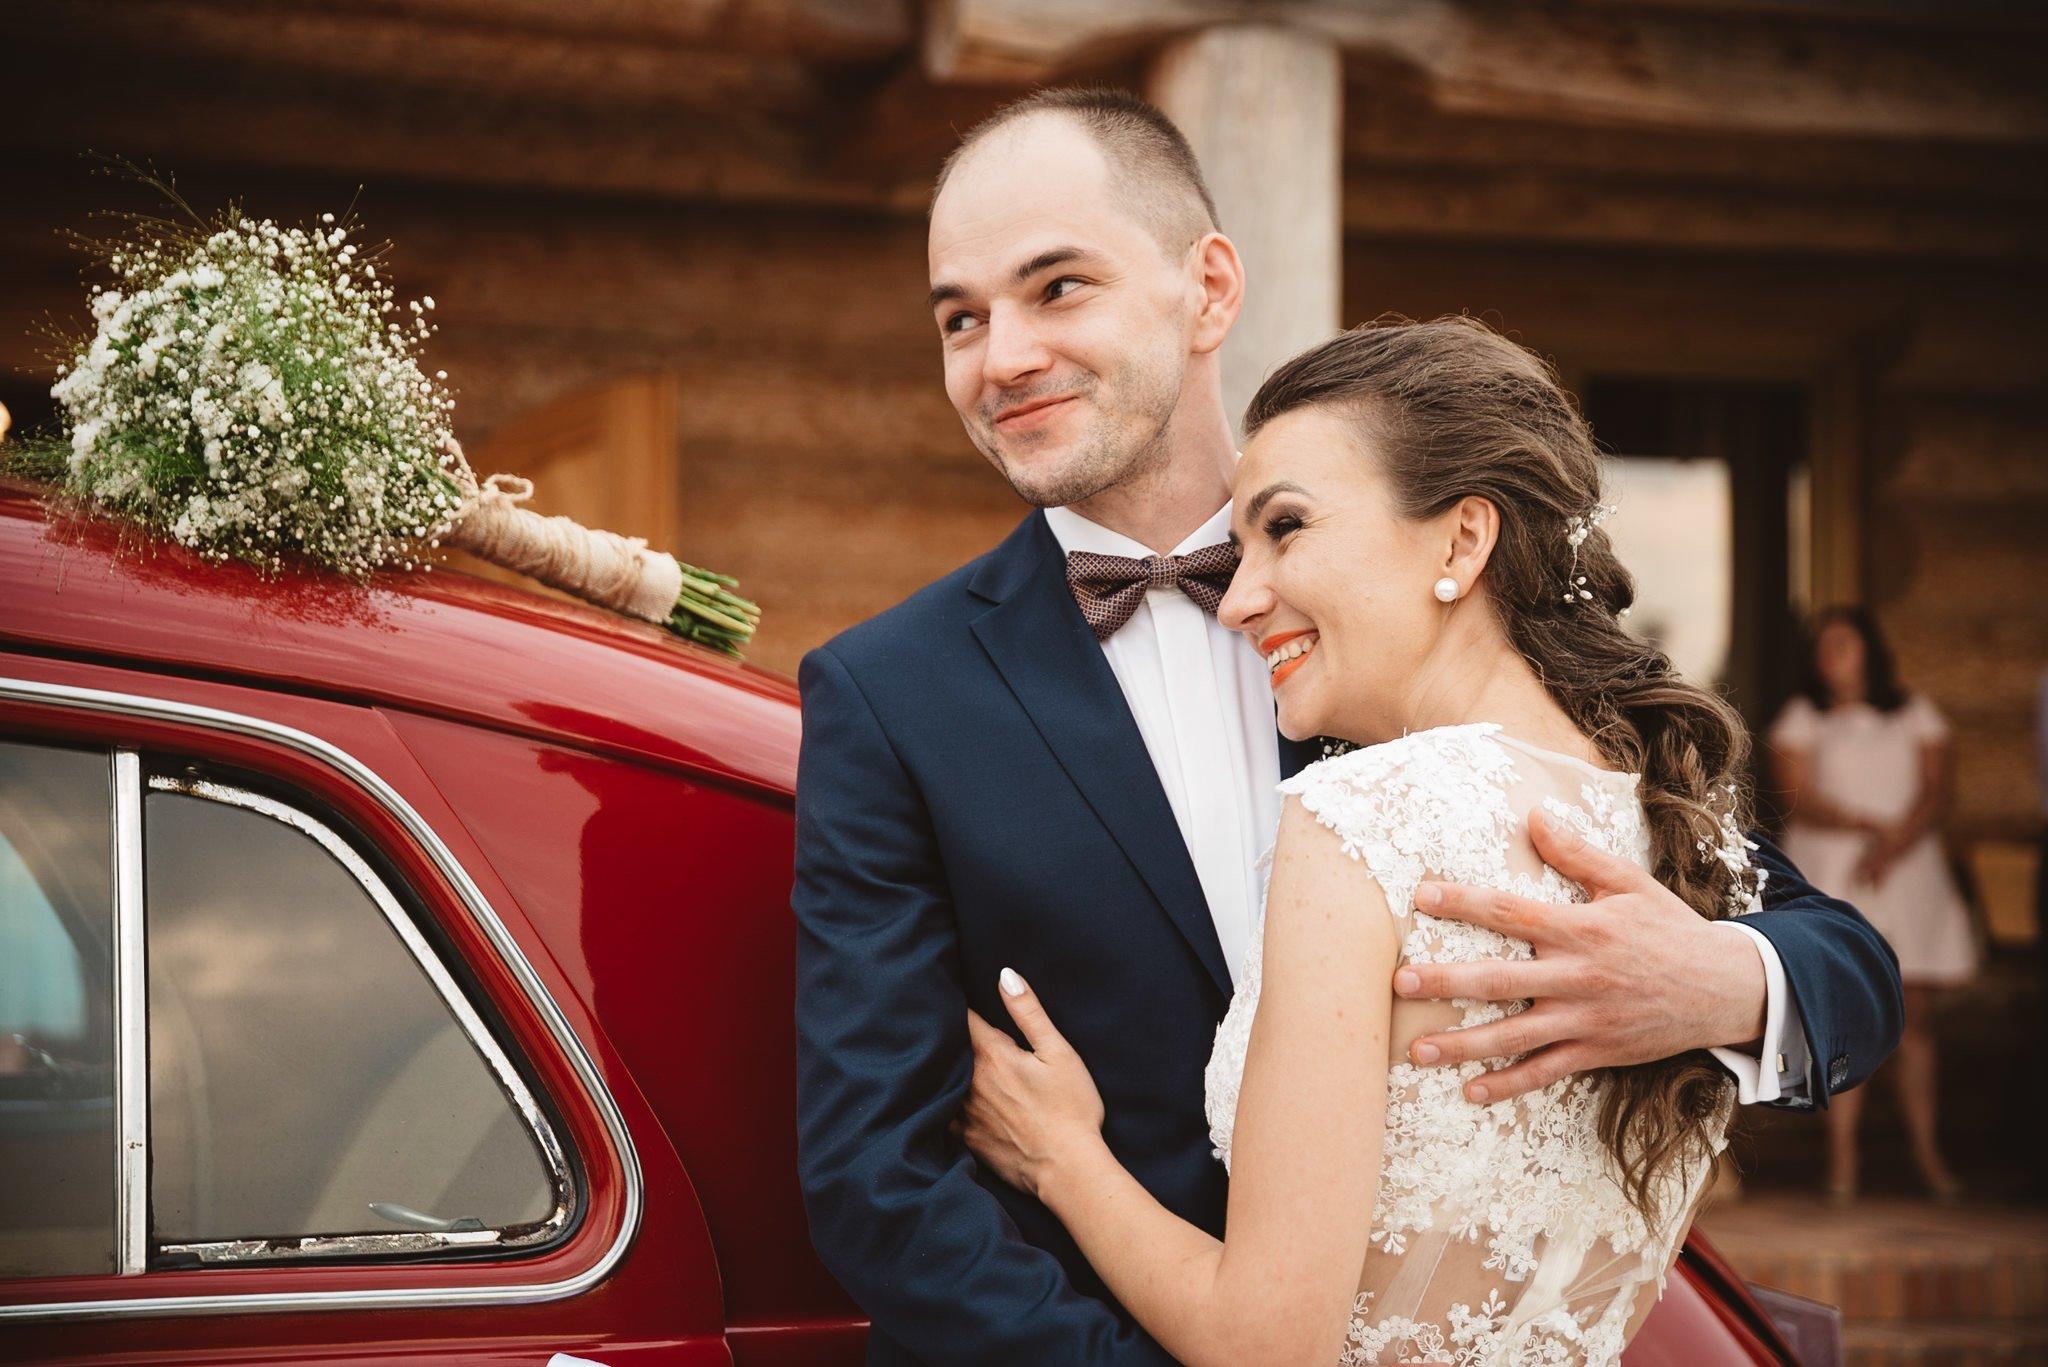 Ala i Arek, czyli jak zorganizować ślub i wesele w 4 tygodnie! 155